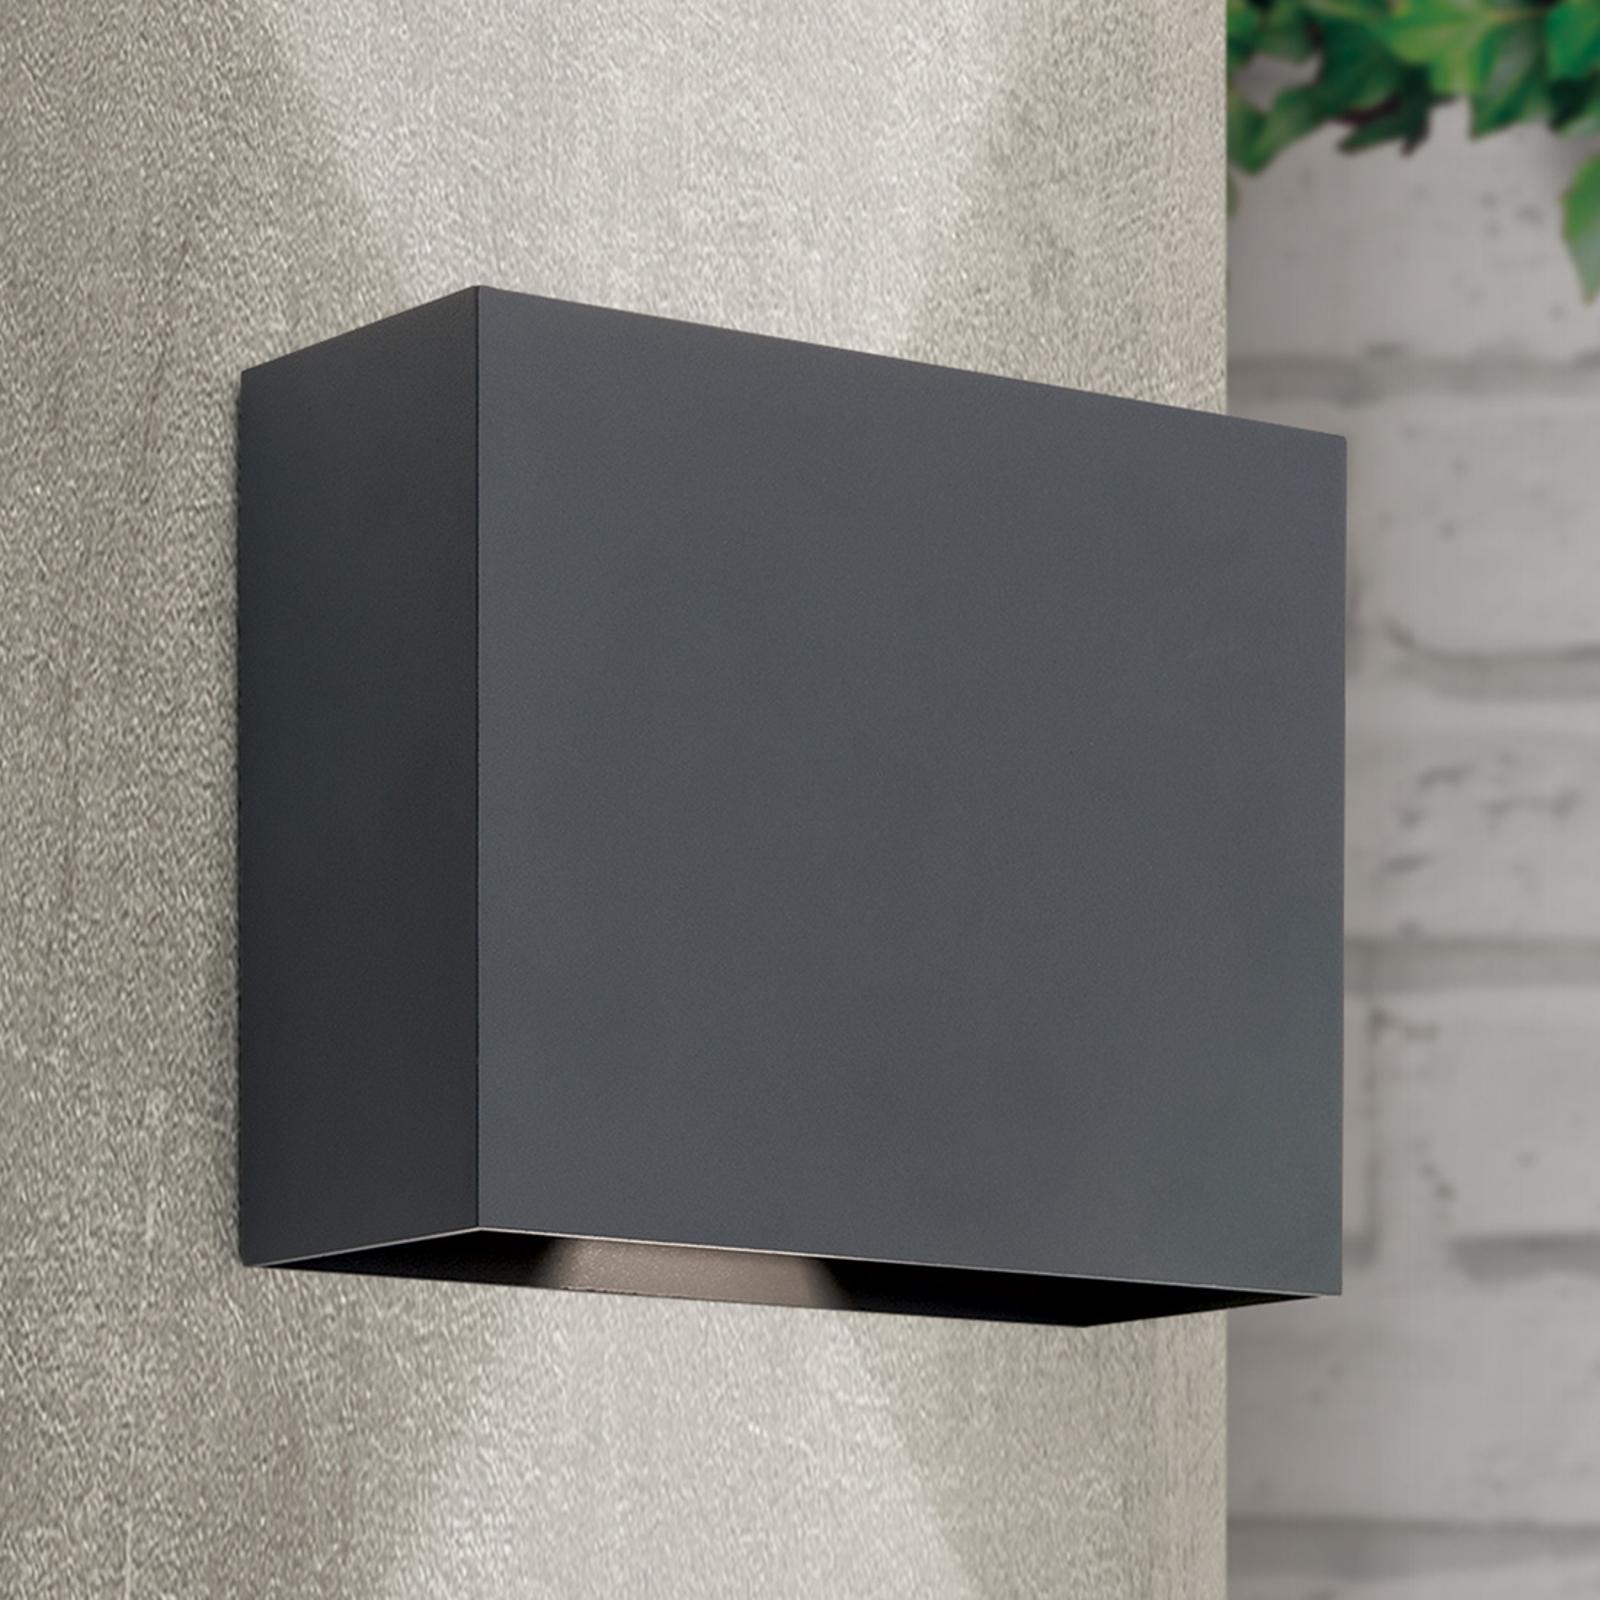 Akzent udendørs LED-væglampe, justerbar